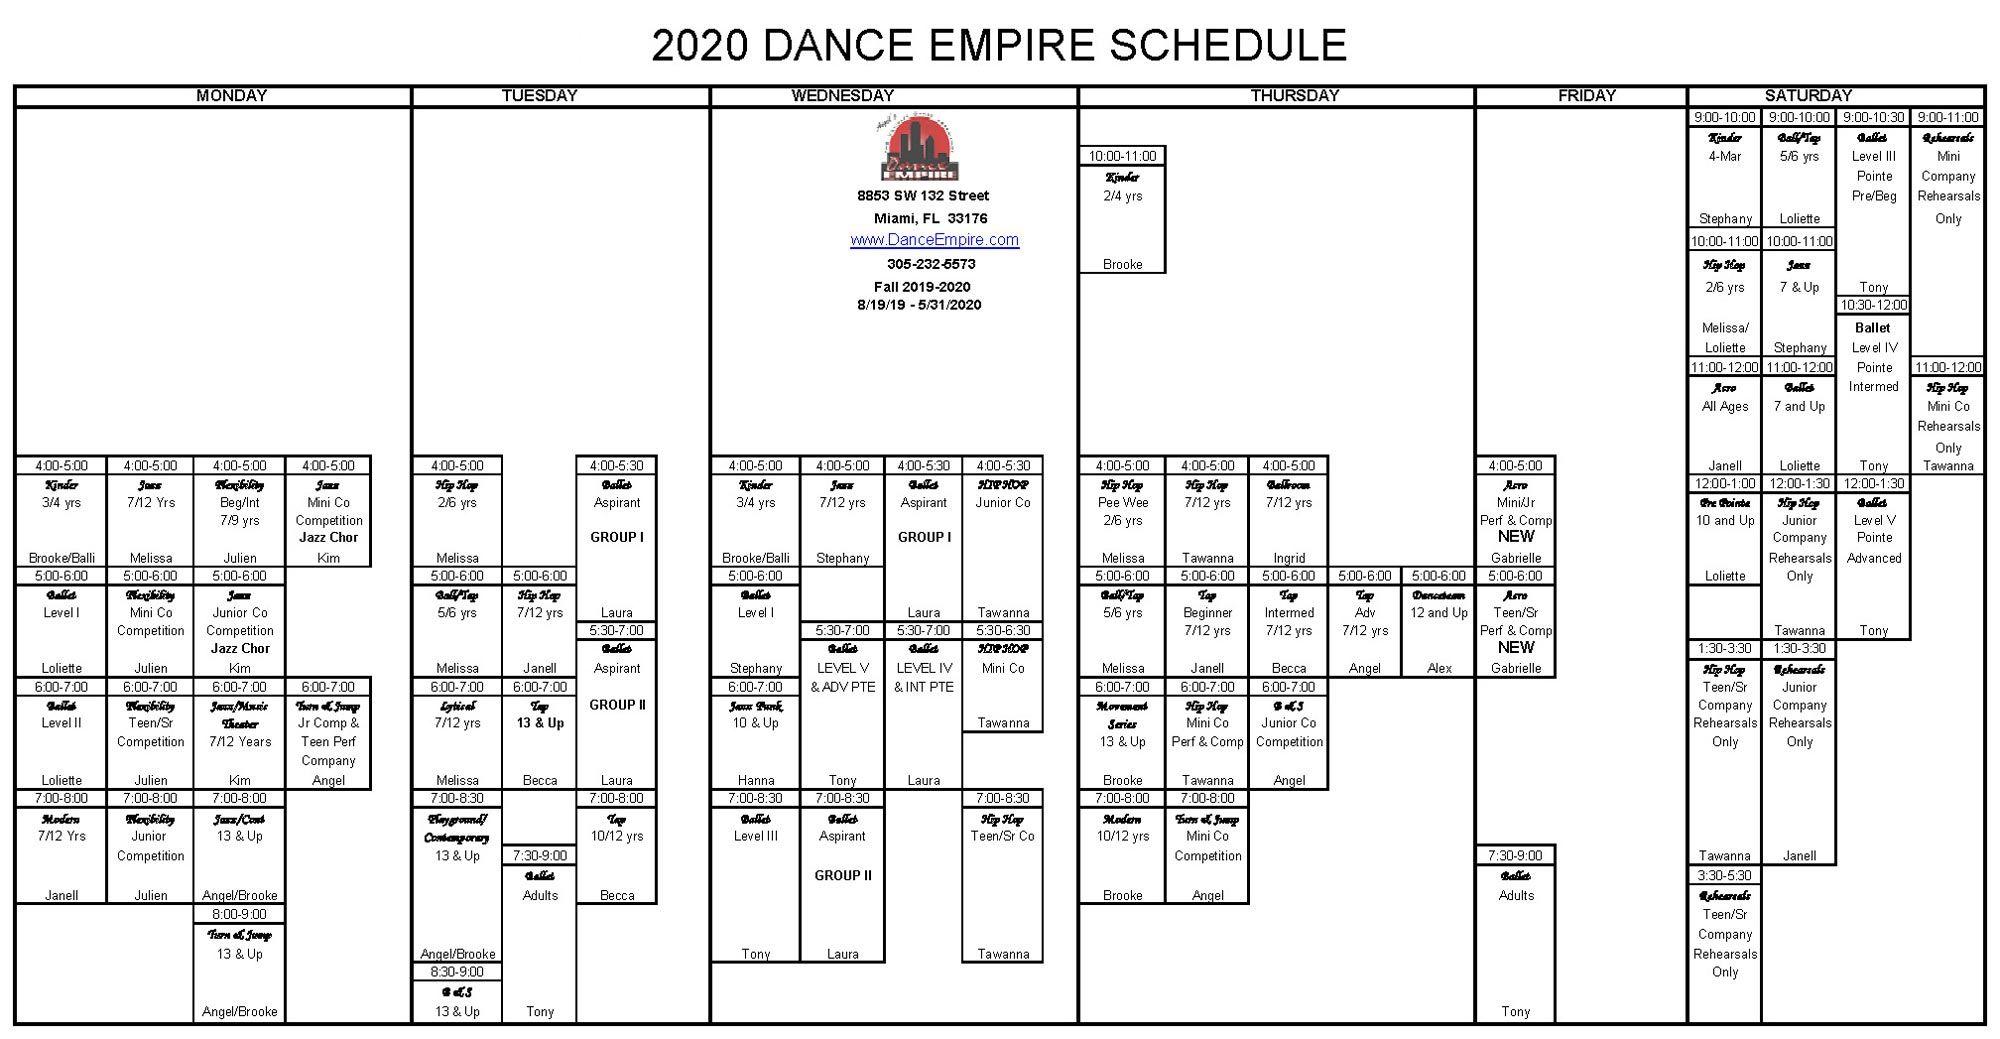 2020-DANCE-EMPIRE-SCHEDULE.jpg